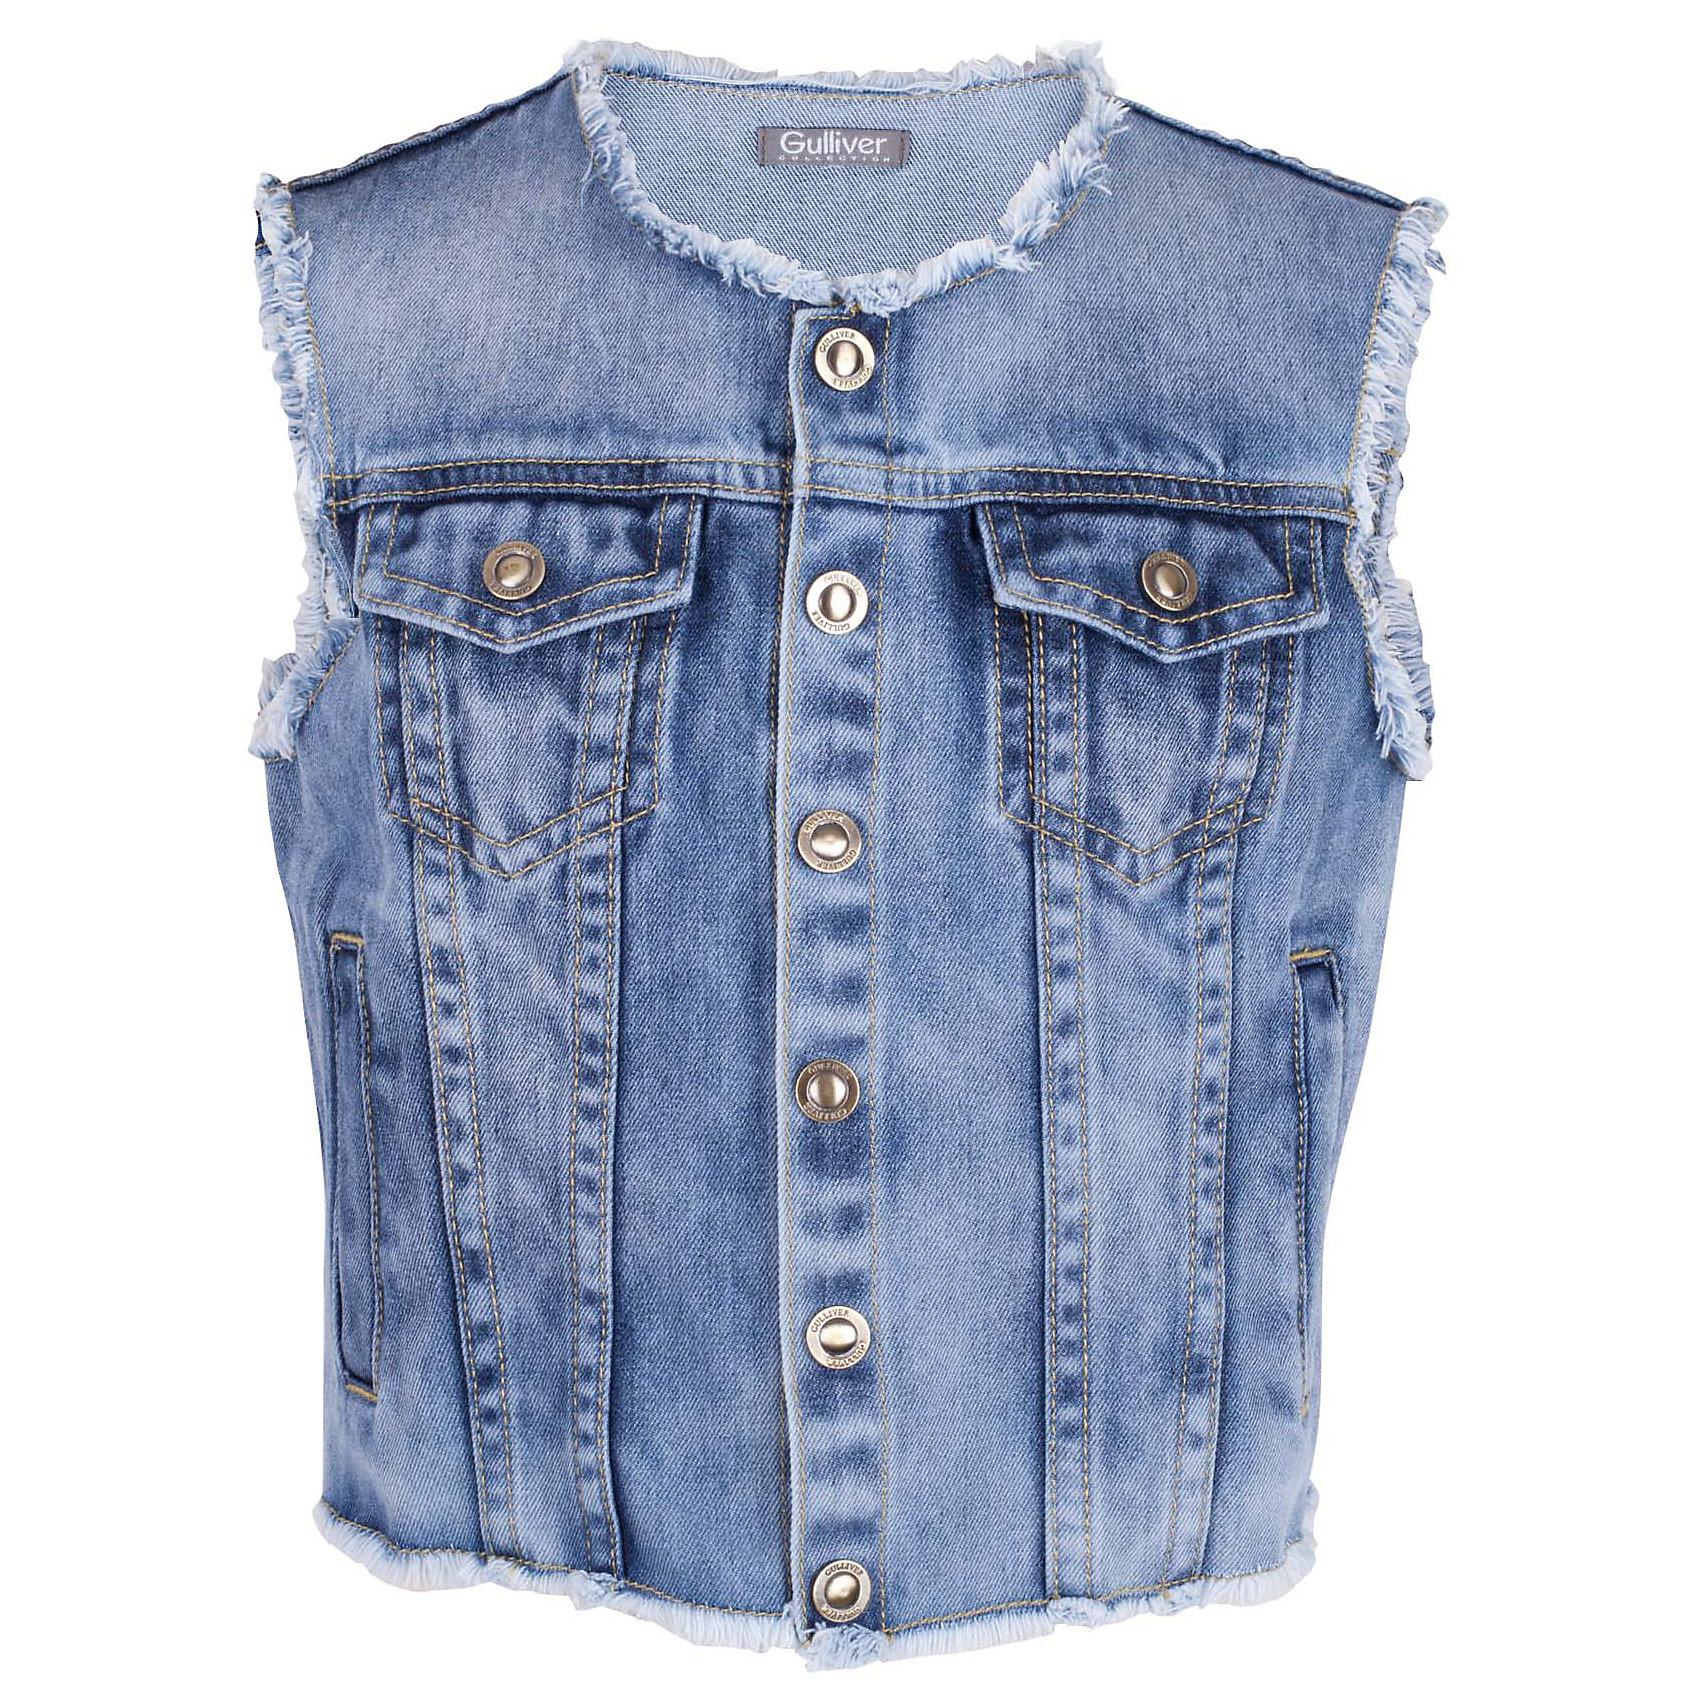 Жилет джинсовый для девочки GulliverДжинсовая одежда<br>Джинсовый жилет - хит сезона Весна/Лето 2017! При этом, его не назовешь вещью первой необходимости. Он красиво дополнит любую футболку, майку, сарафан, сделав образ свежее и ярче! Жилет для девочки выполнен из денима с модными потертостями, открытыми срезами горловины, проймы, низа изделия и оформлен фирменной фурнитурой. Романтическому образу жилет добавит динамики и драйва, а комплекту в стиле casual придаст модную многослойность. Вы хотите купить детский джинсовый жилет, чтобы дополнить гардероб чем-то новым и оригинальным? Стильный джинсовый жилет отлично справится с этой задачей!<br>Состав:<br>100% хлопок<br><br>Ширина мм: 356<br>Глубина мм: 10<br>Высота мм: 245<br>Вес г: 519<br>Цвет: синий<br>Возраст от месяцев: 108<br>Возраст до месяцев: 120<br>Пол: Женский<br>Возраст: Детский<br>Размер: 140,122,128,134<br>SKU: 5484016